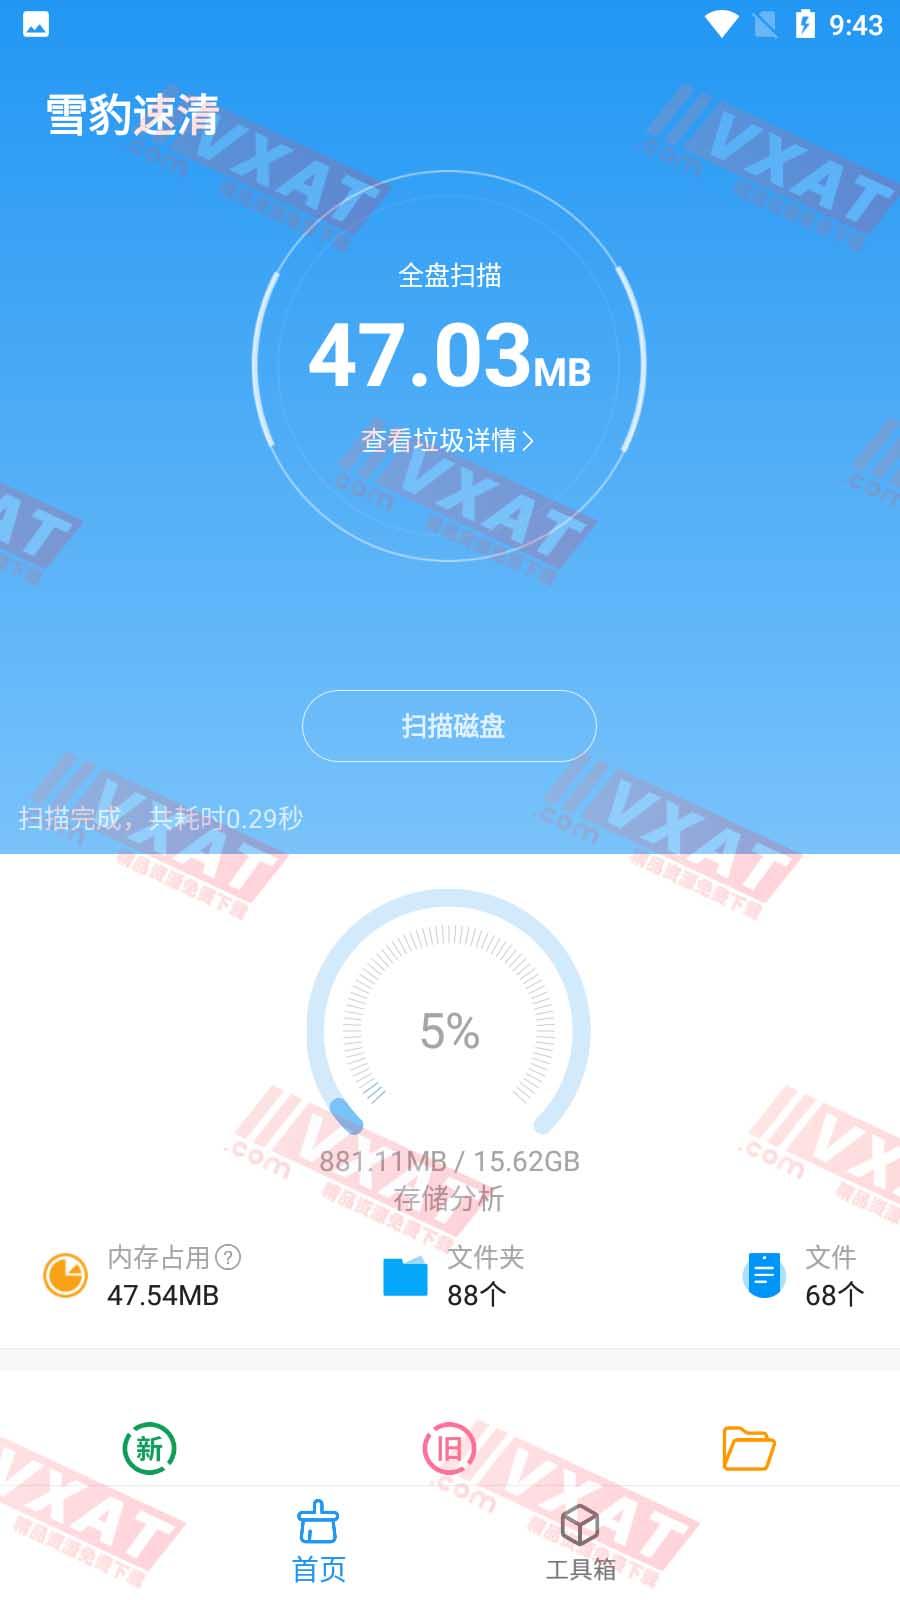 雪豹速清 v1.5.2 安卓版 便捷式文件管理 第1张